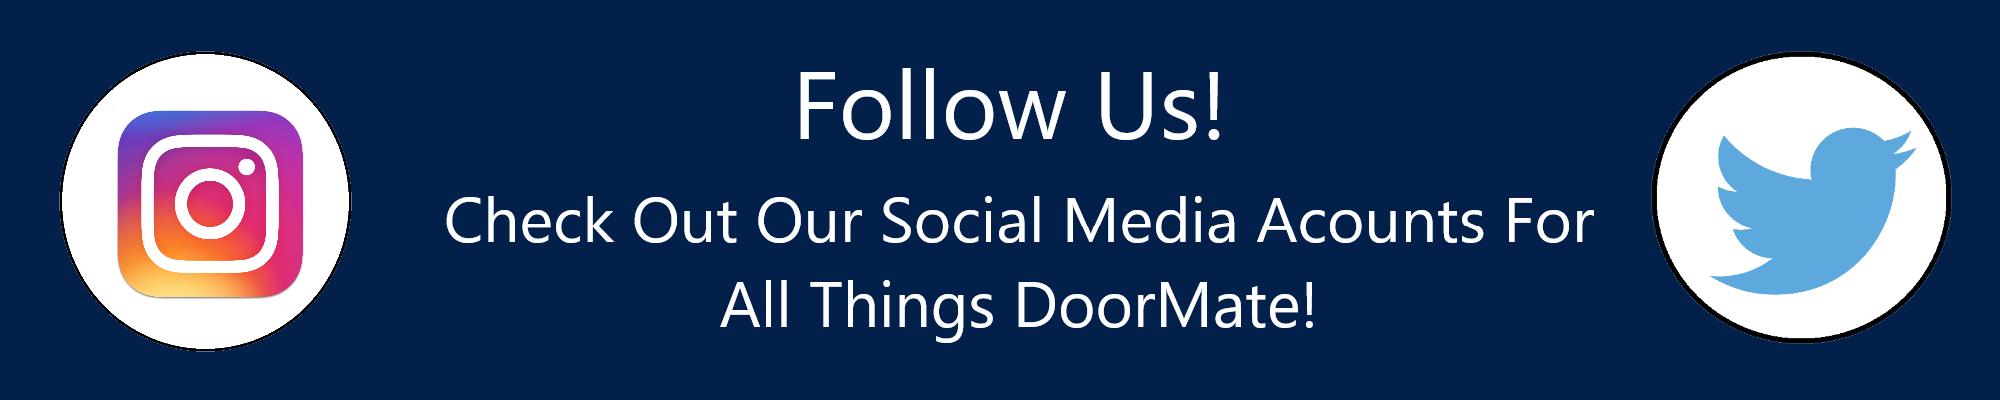 Twitter, Instagram, Social Media